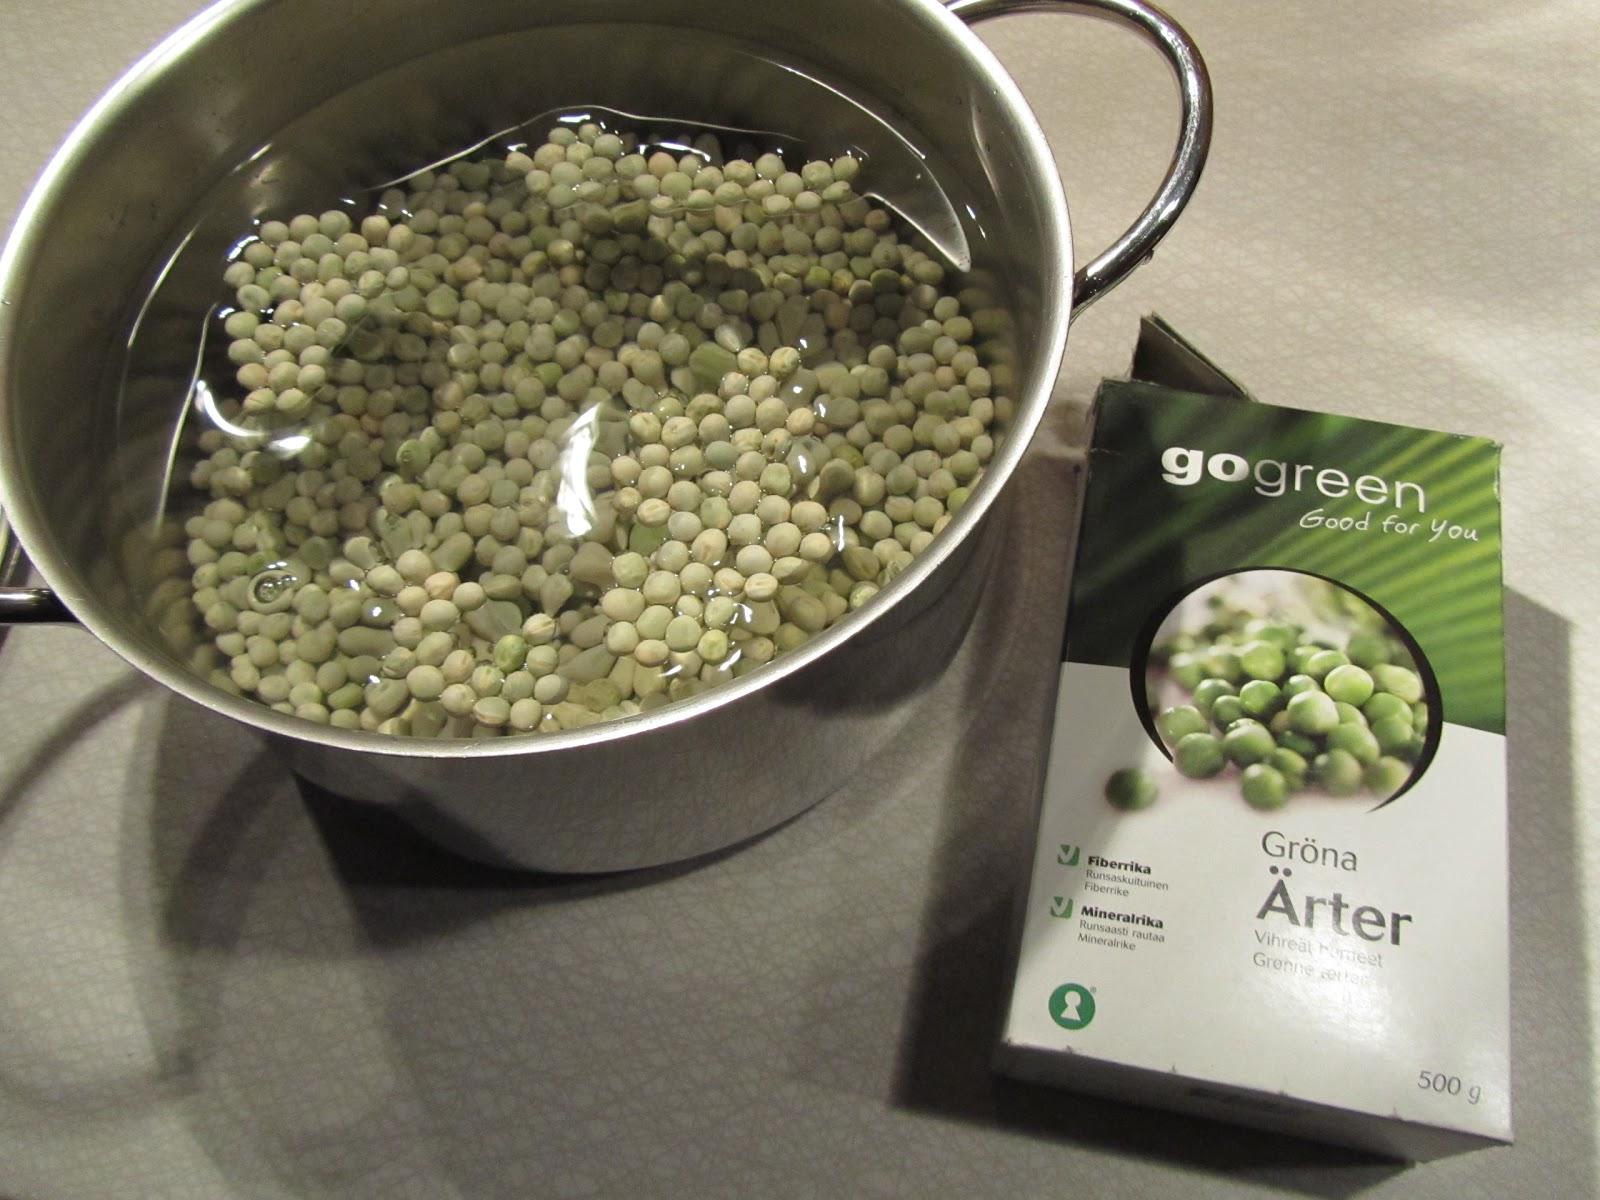 torkade gröna ärtor recept